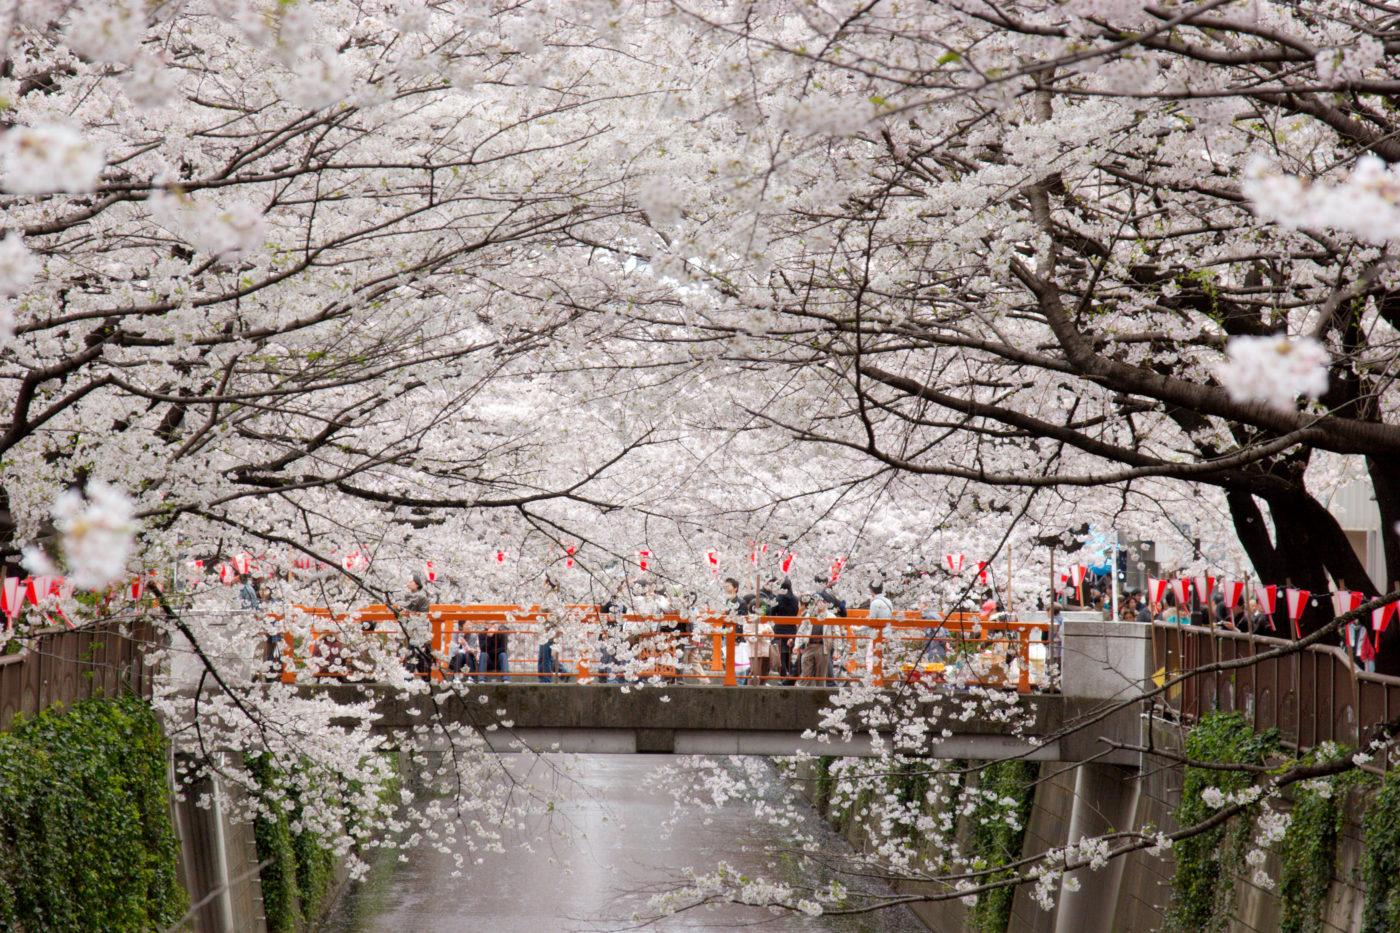 פסטיבל נאקאמגורו סאקורה מאצ'ורי – 7 אפריל